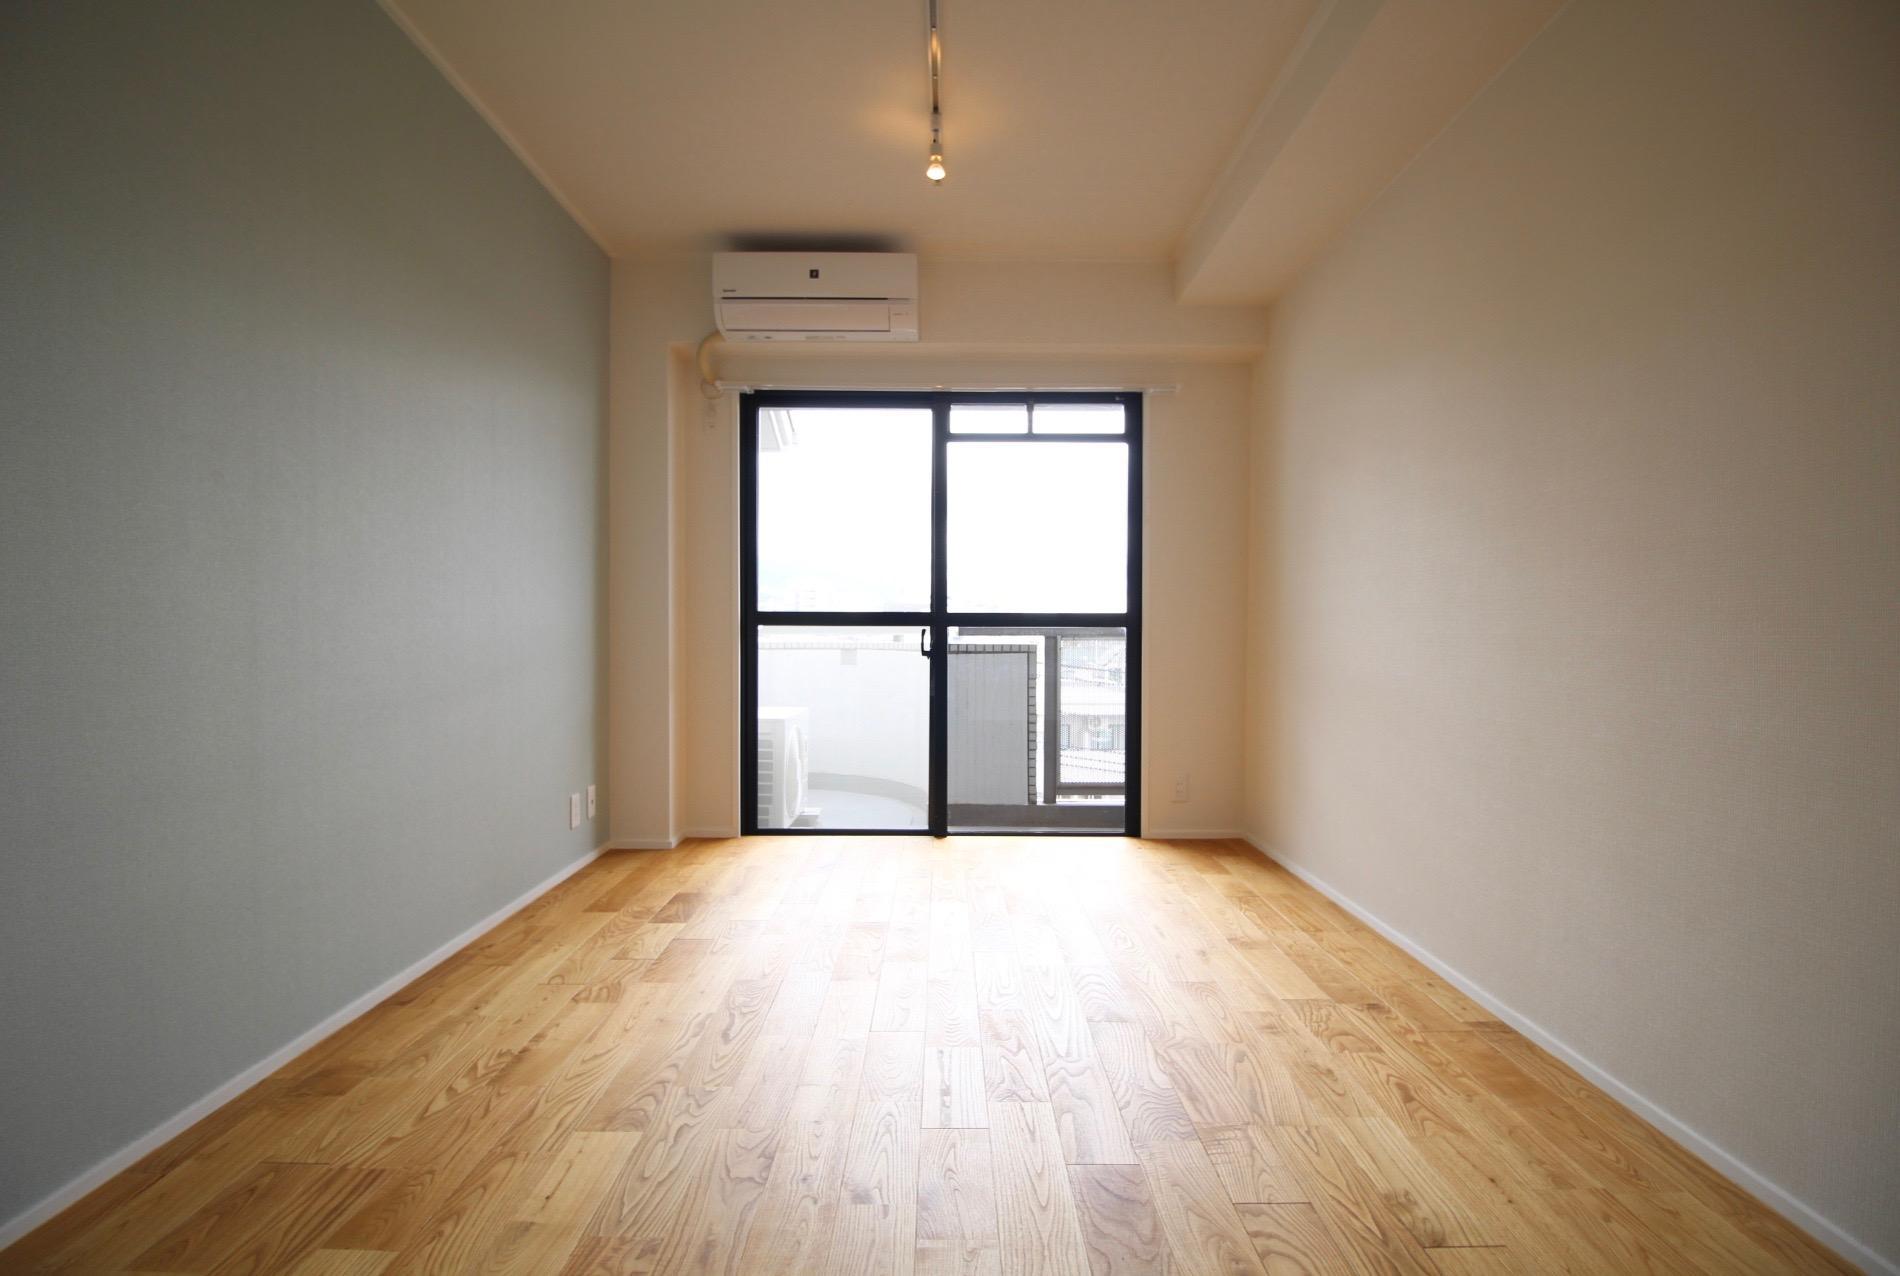 リノベーションされたばかりの506号室は山栗の無垢床